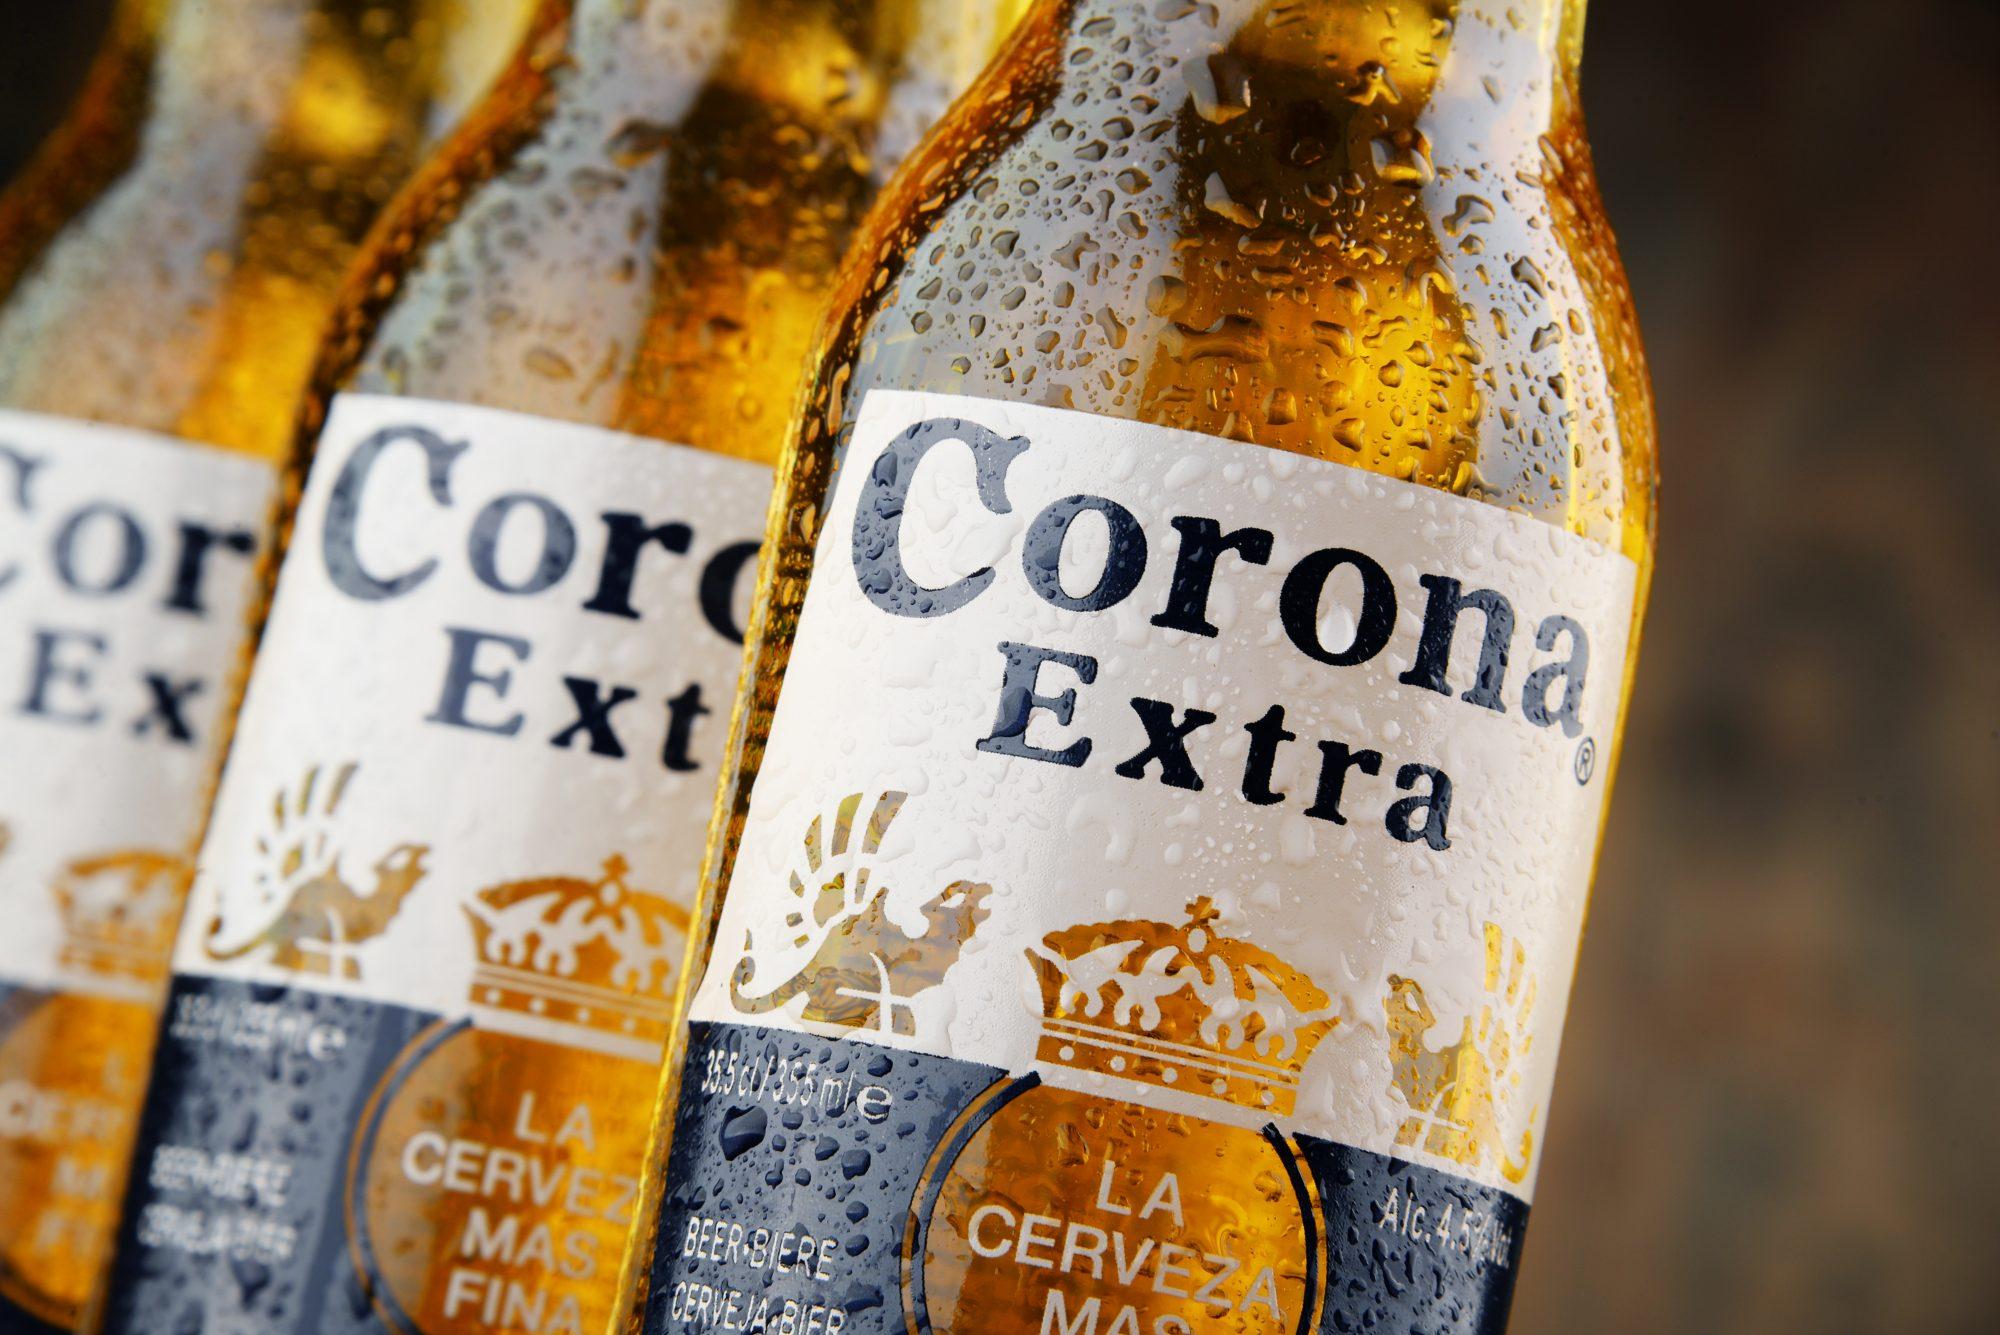 Corona cerveza